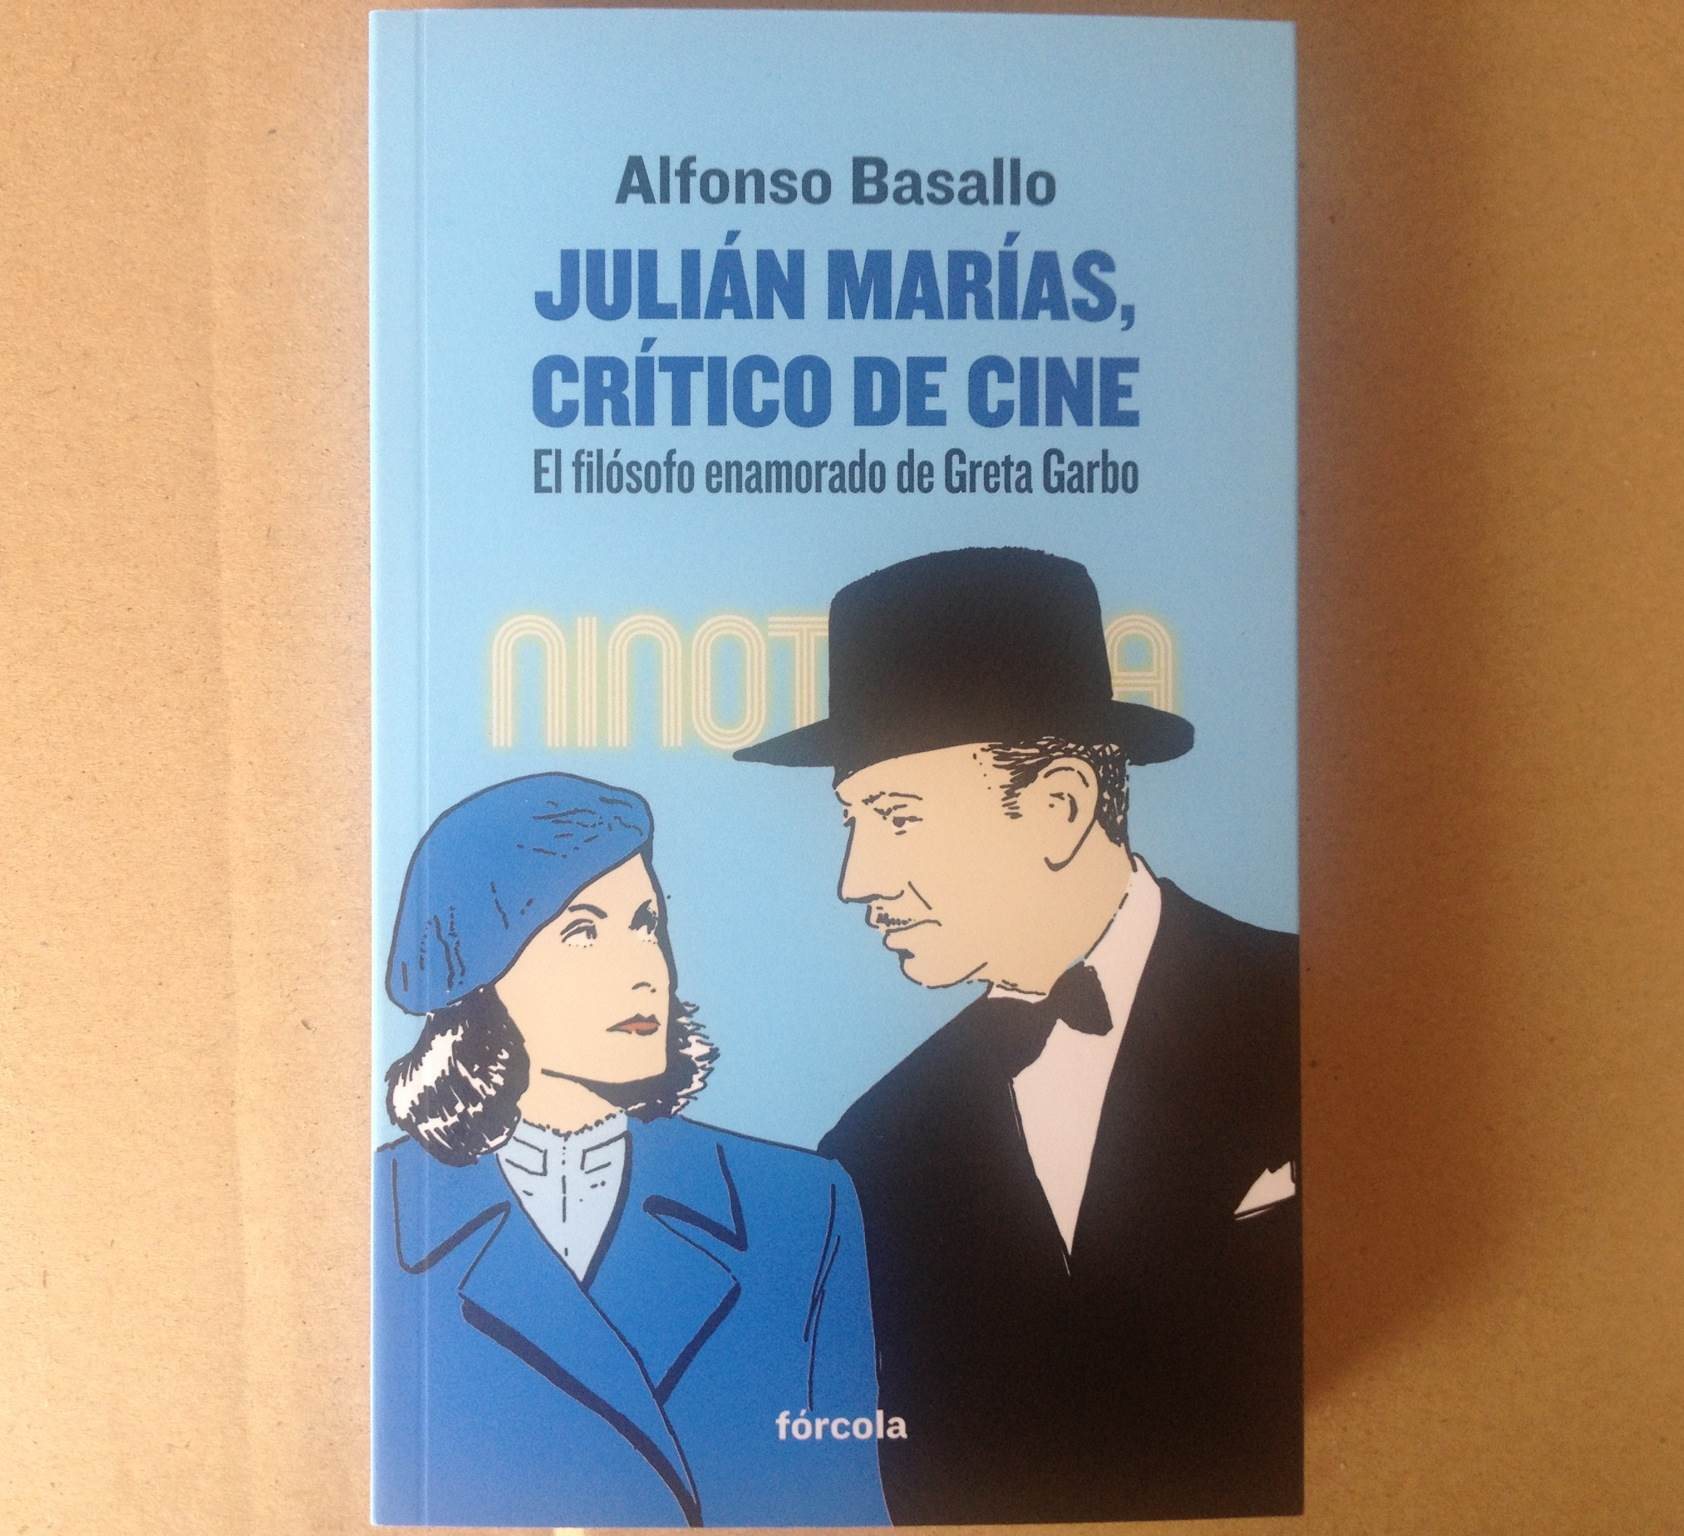 Julián Marías, crítico de cine